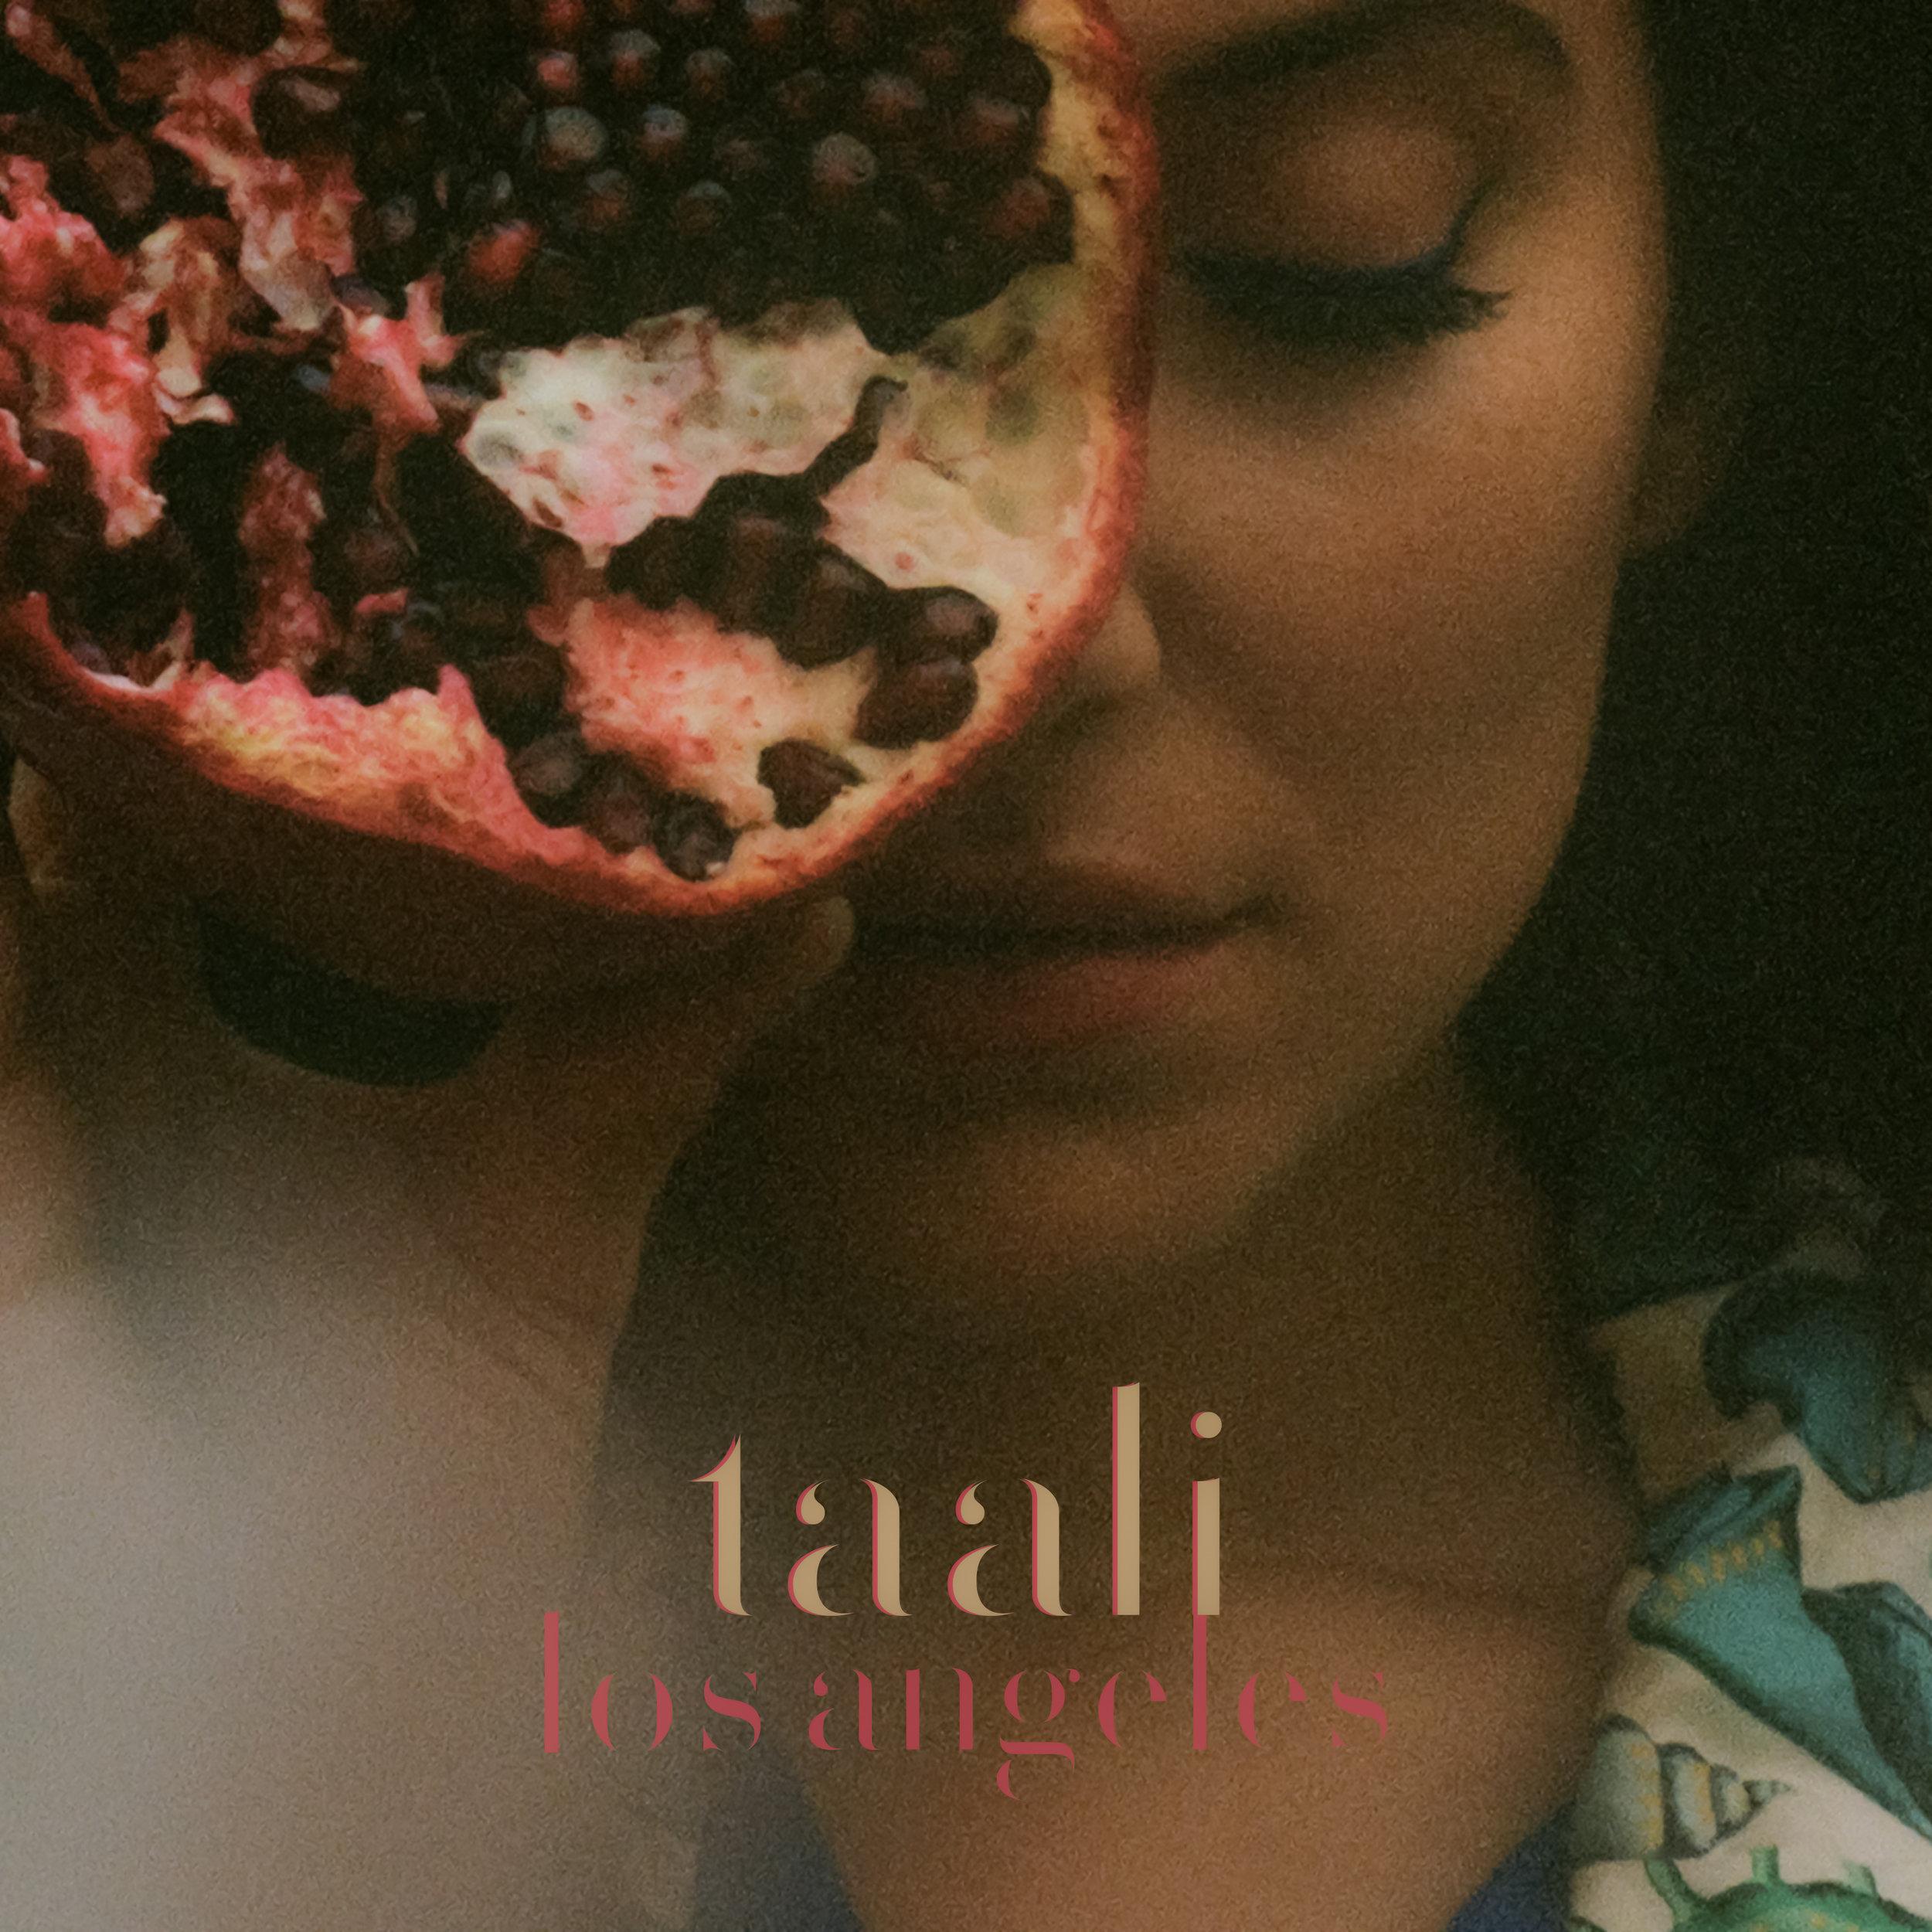 Taali - Los Angeles - Rainbow Blonde